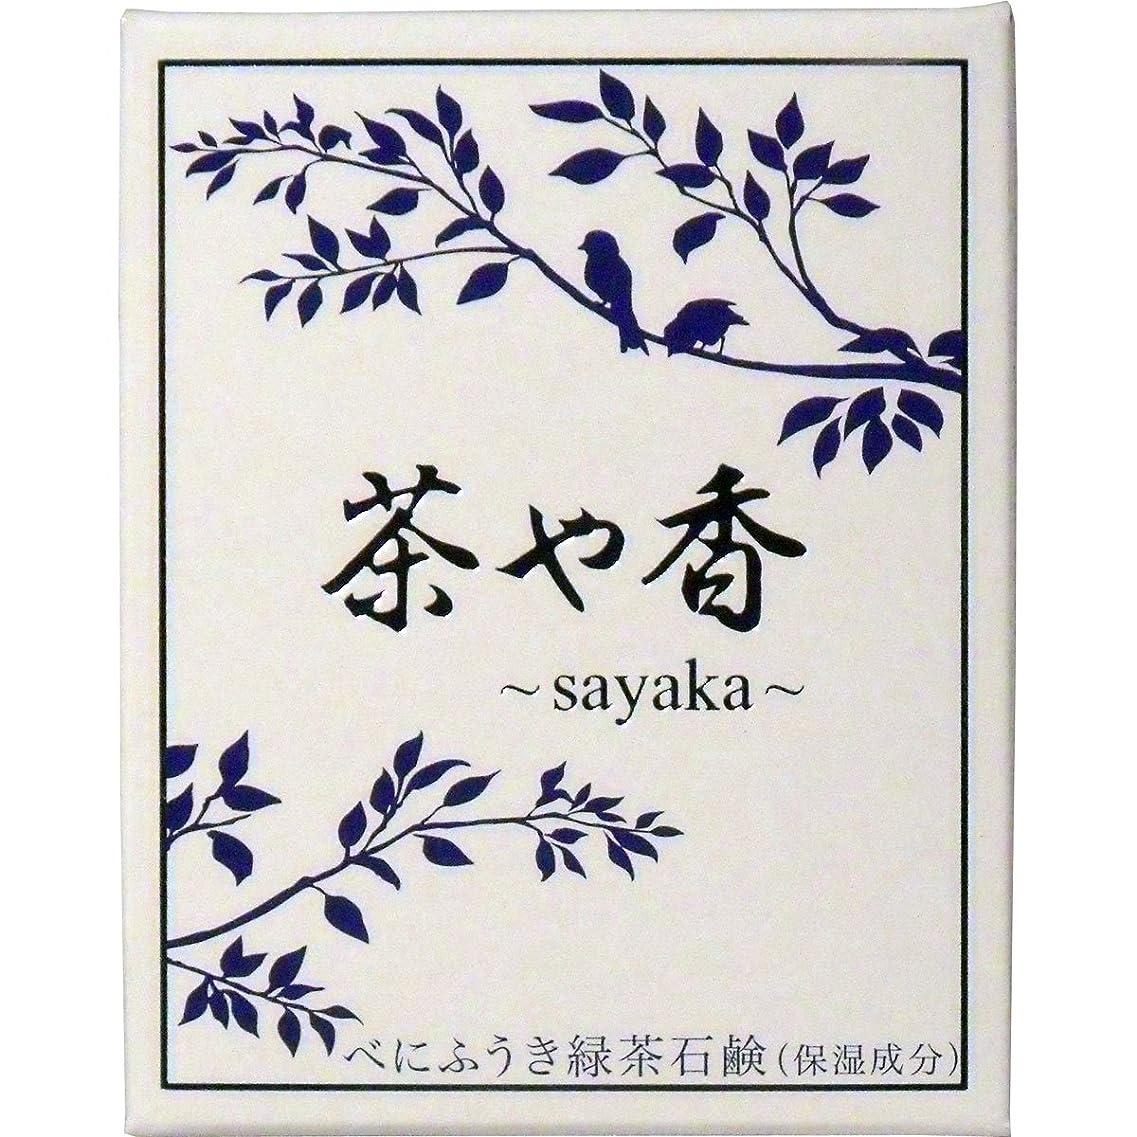 デジタルピアインフレーション茶や香 -sayaka- べにふうき緑茶石鹸 100g入 ×6個セット